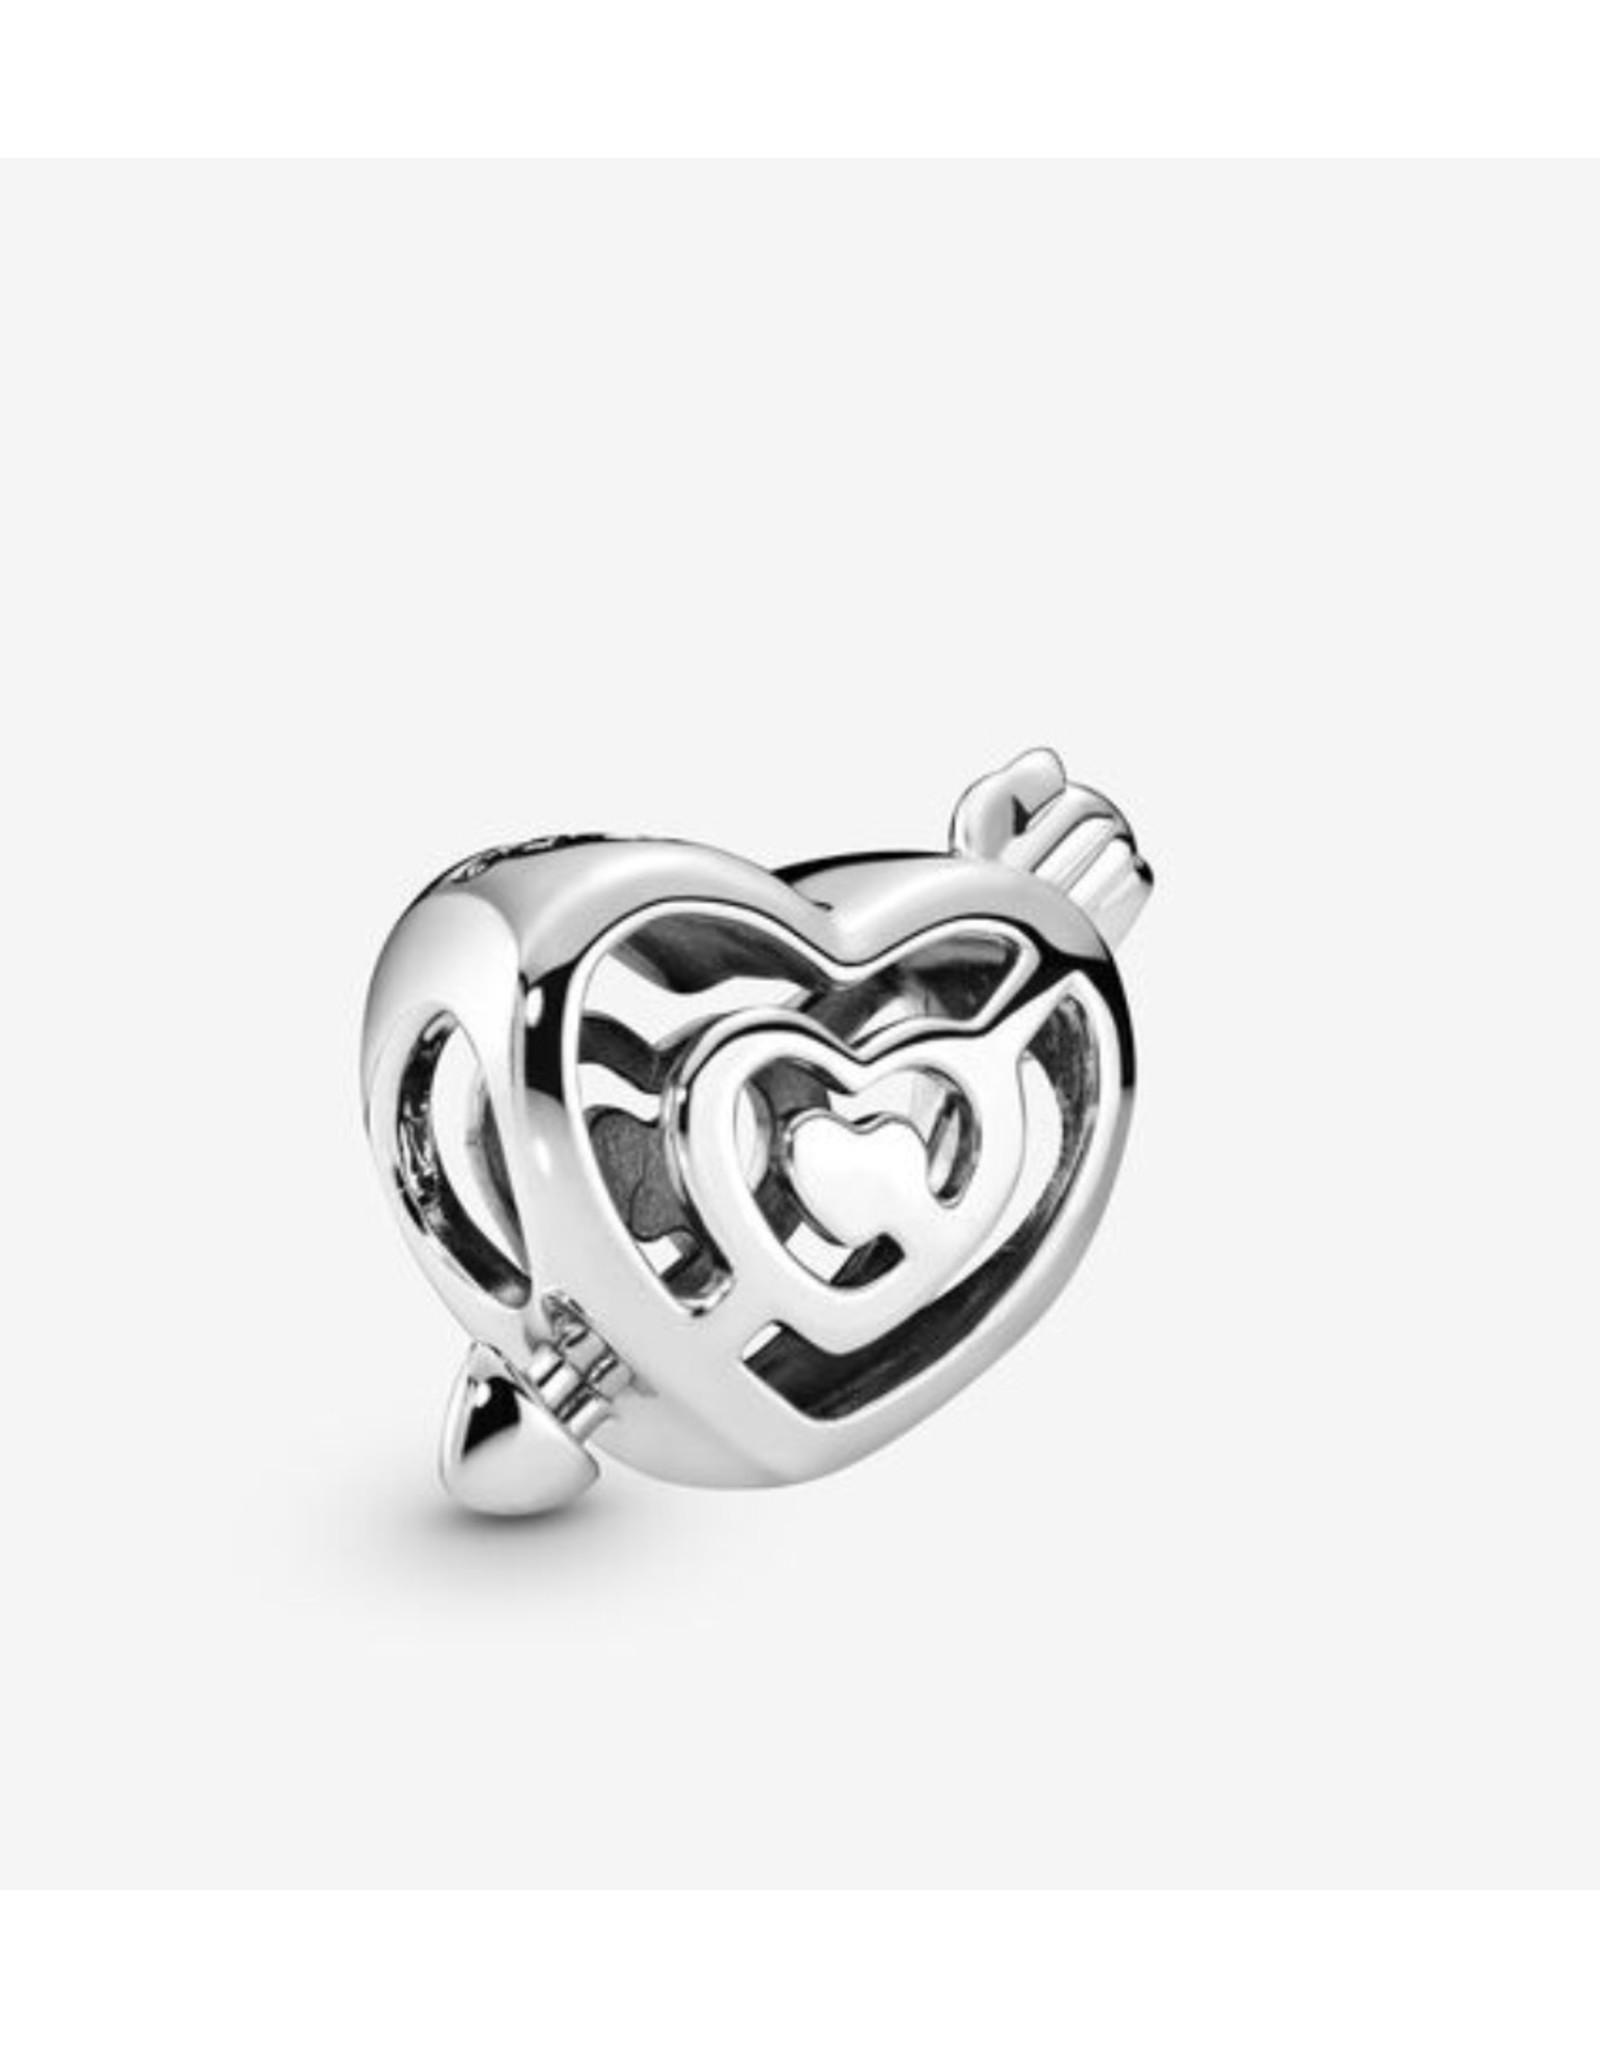 Pandora Pandoara Charm,797814, Labyrinth Heart And Arrow